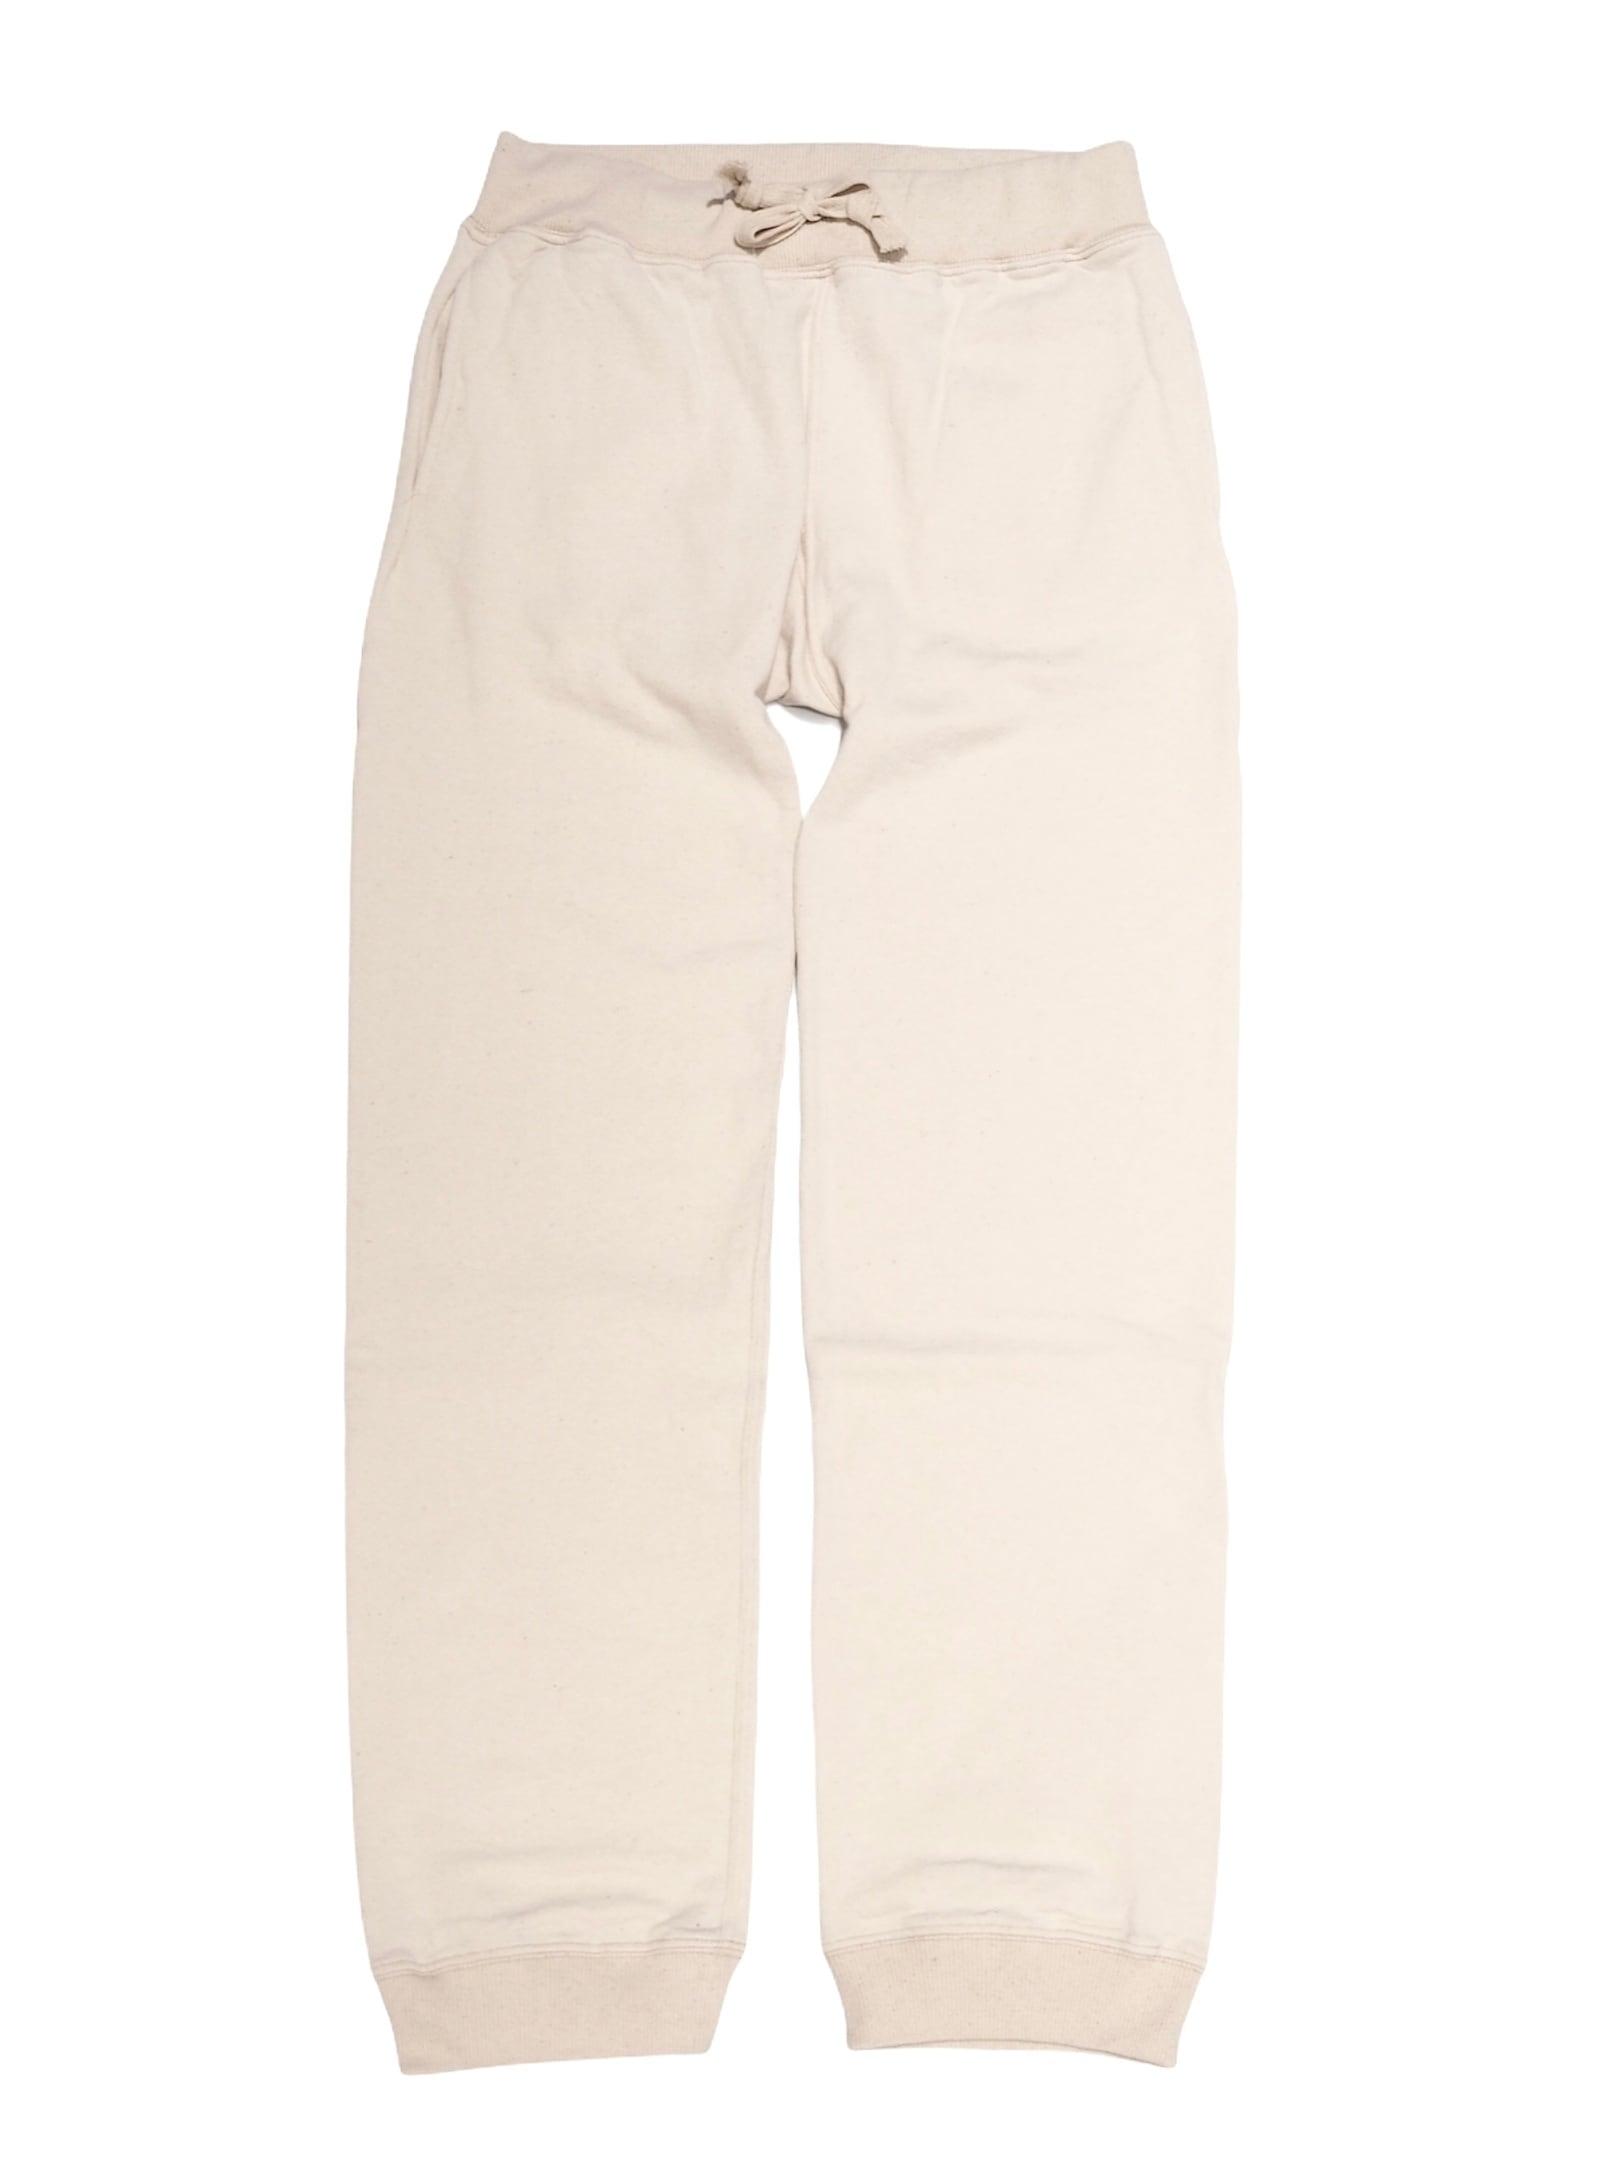 【Mixta】PLAIN SWEAT PANTS